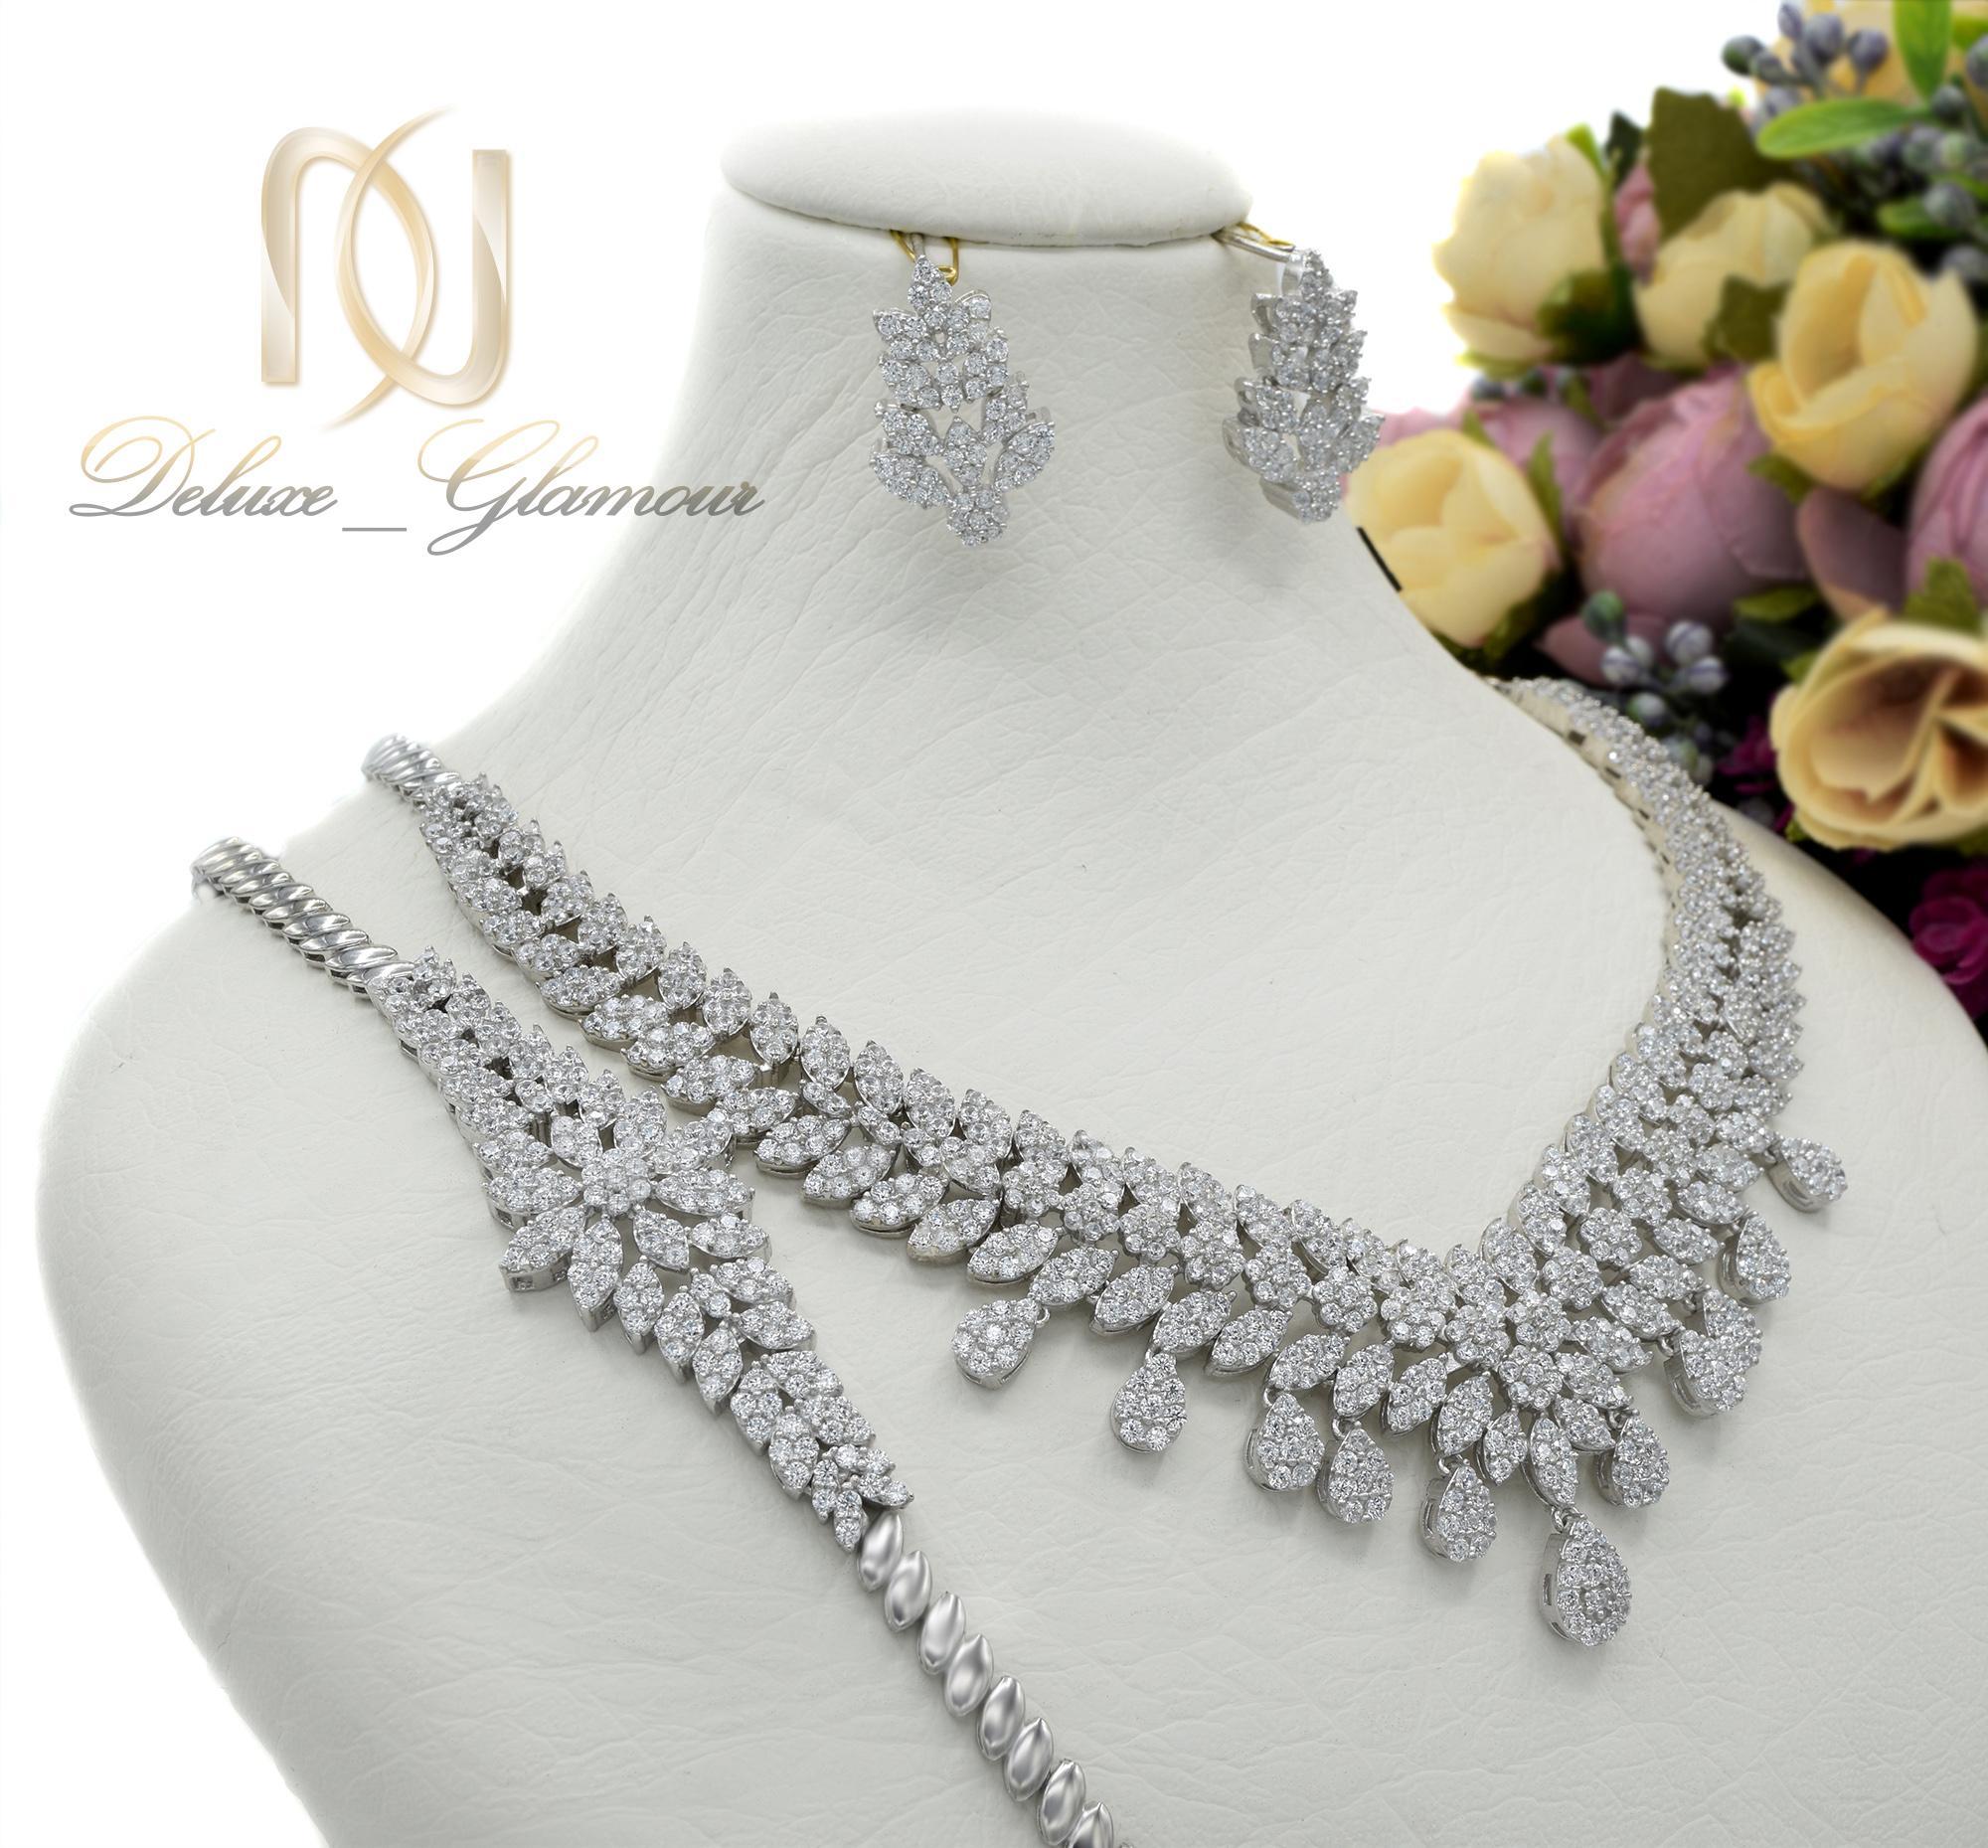 سرویس نقره عروس نگین دار جواهری ns-n415 از نمای سفید